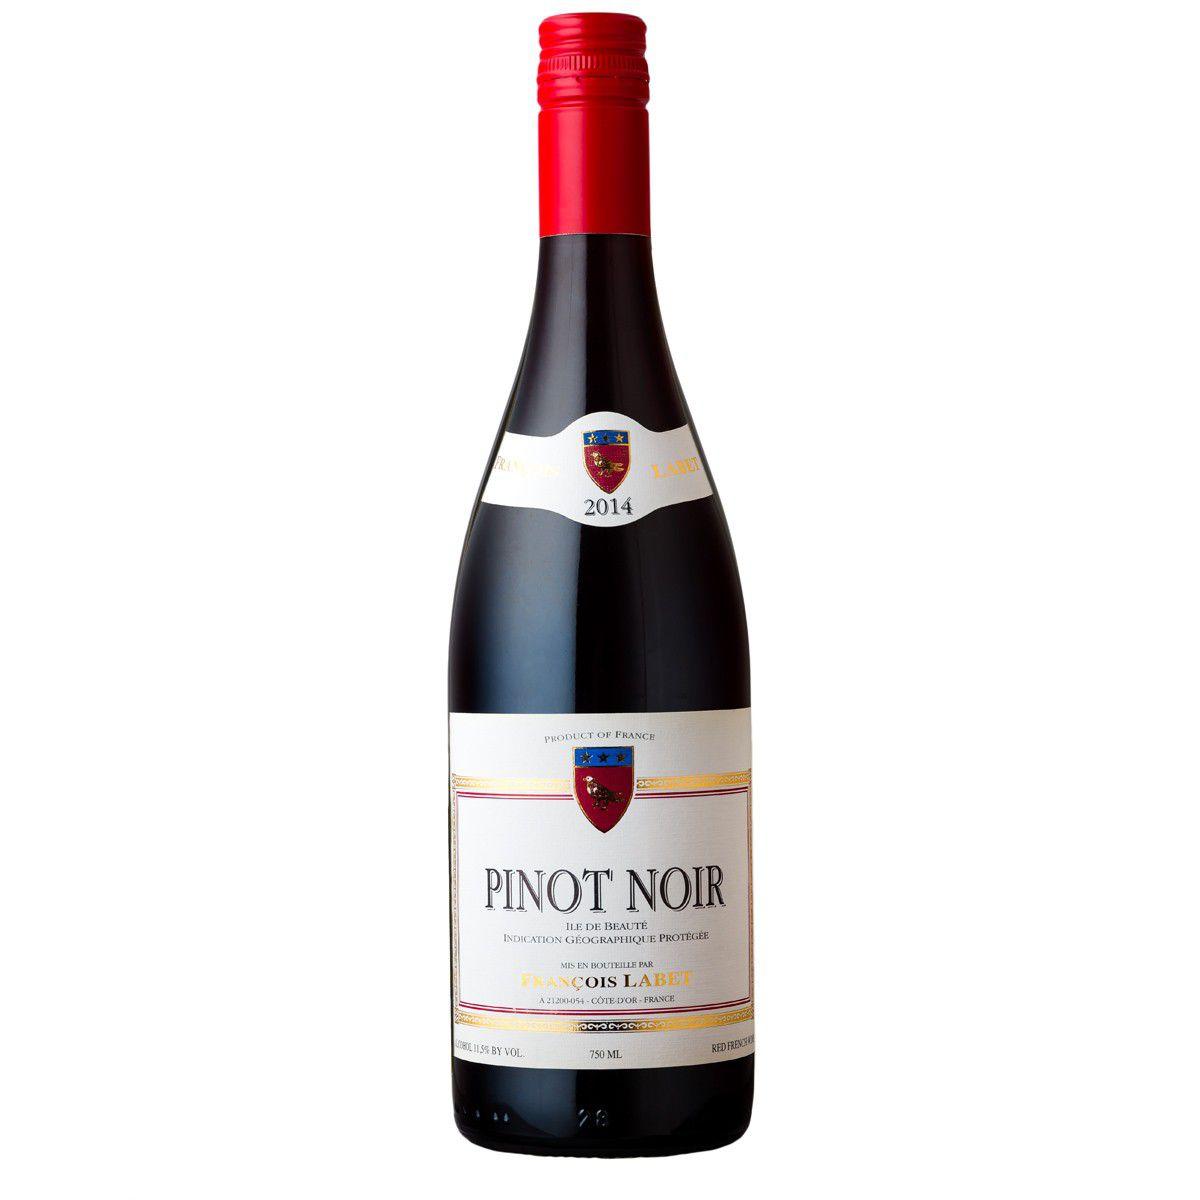 Pinot Noir François Labet